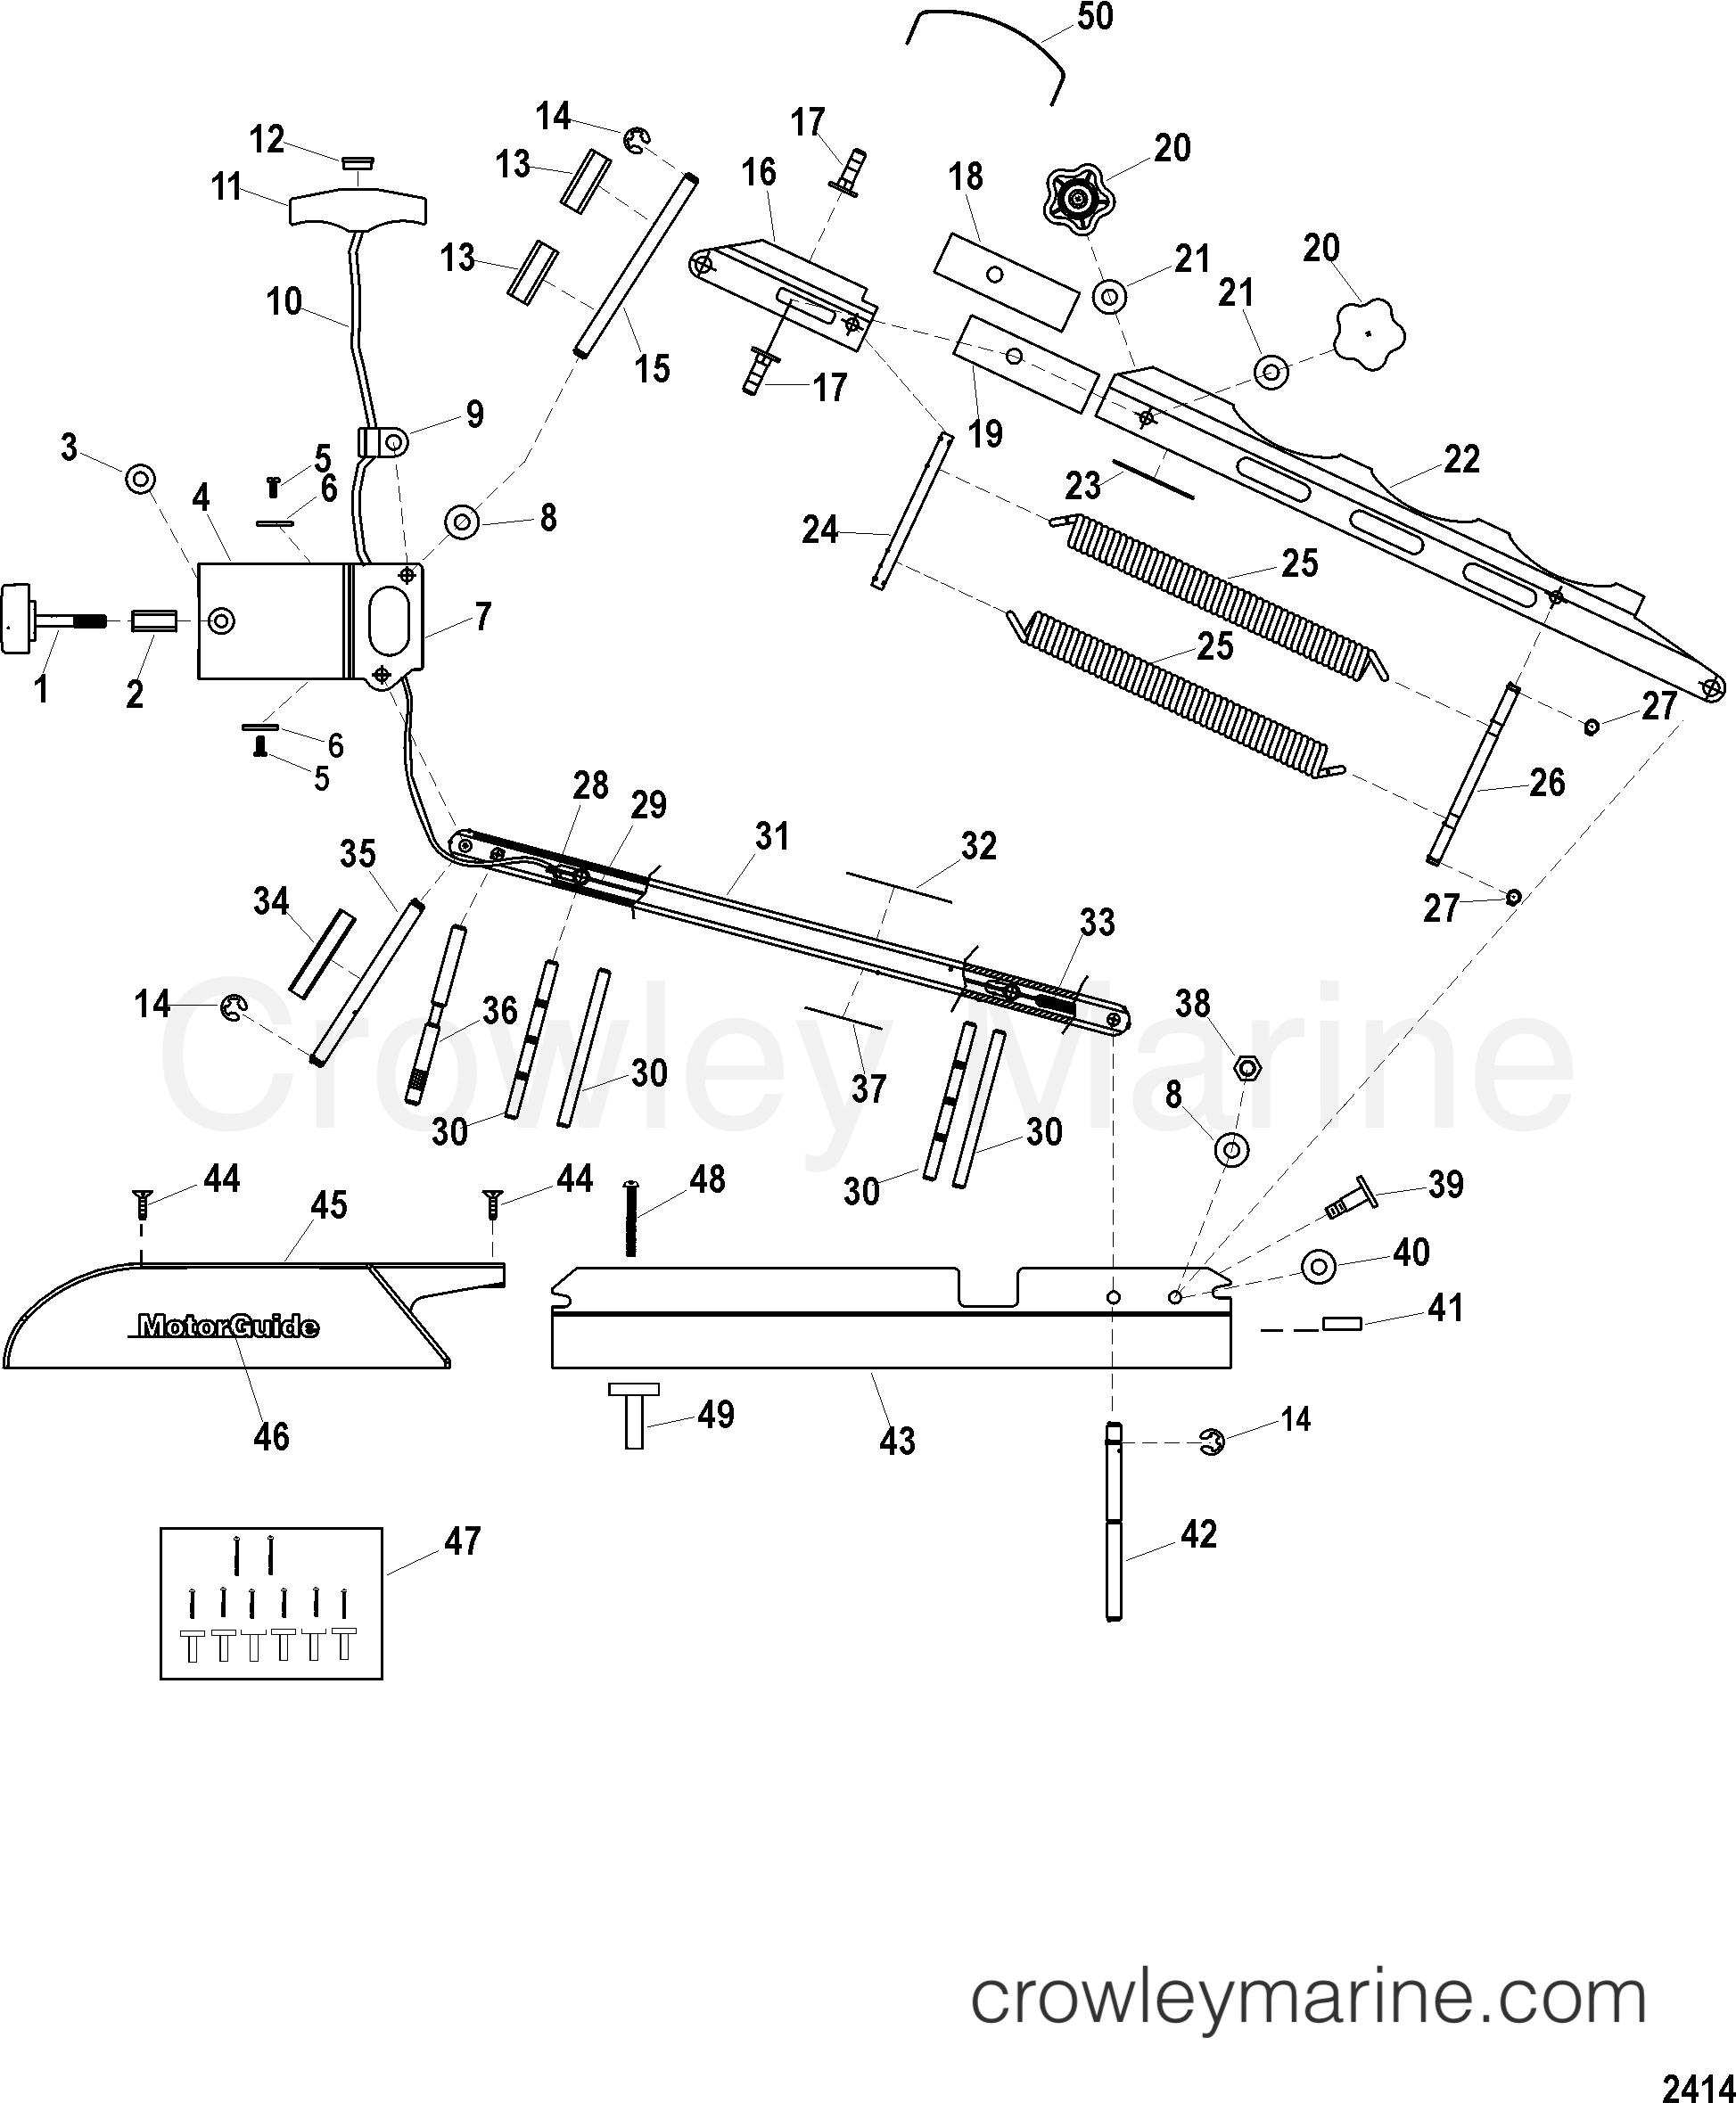 2005 MotorGuide 12V [MOTORGUIDE] - 921310040 - 21 BOW - GATOR II (BLACK)(MST921BH) (MST921BHW) section